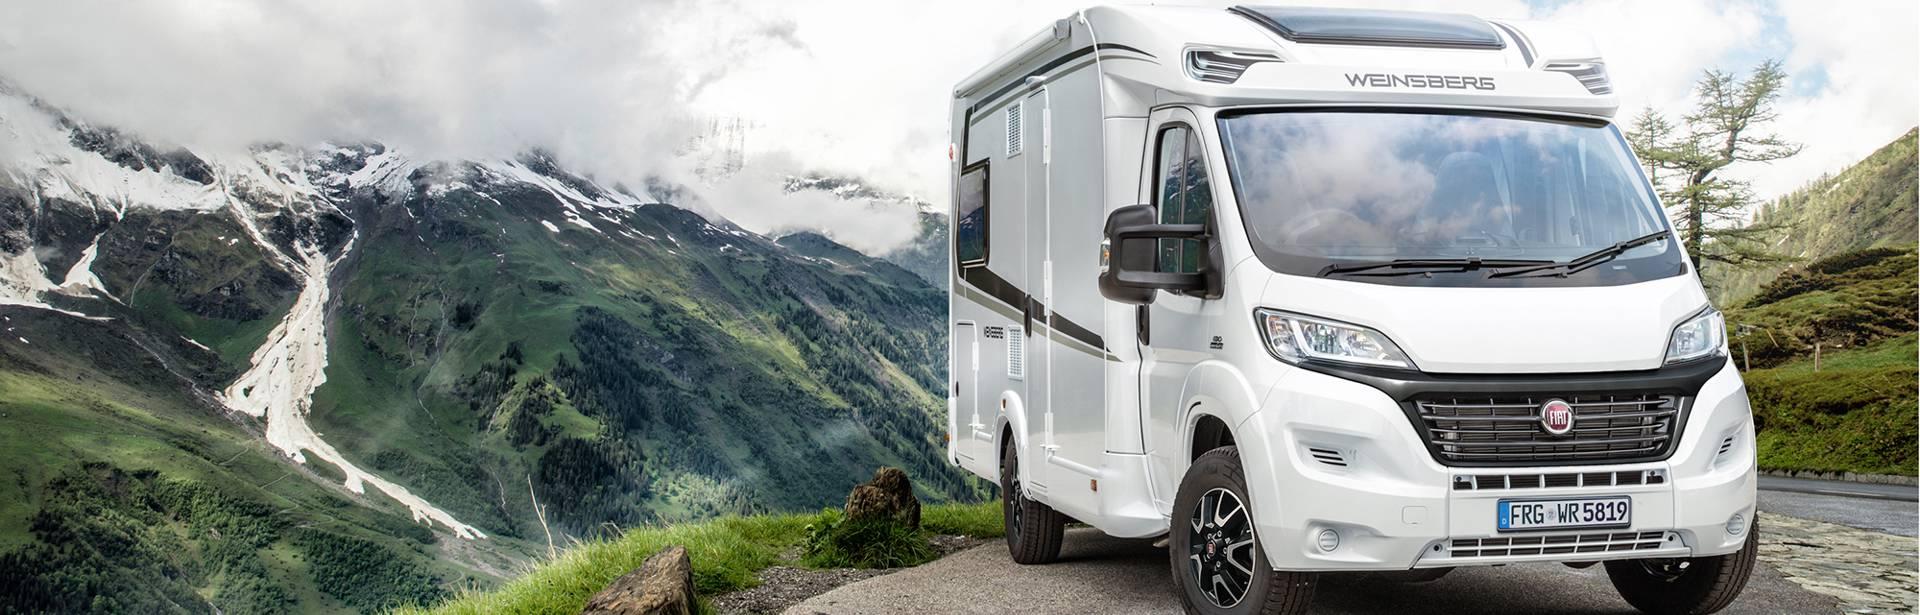 S obytným vozem po Evropě, po horách